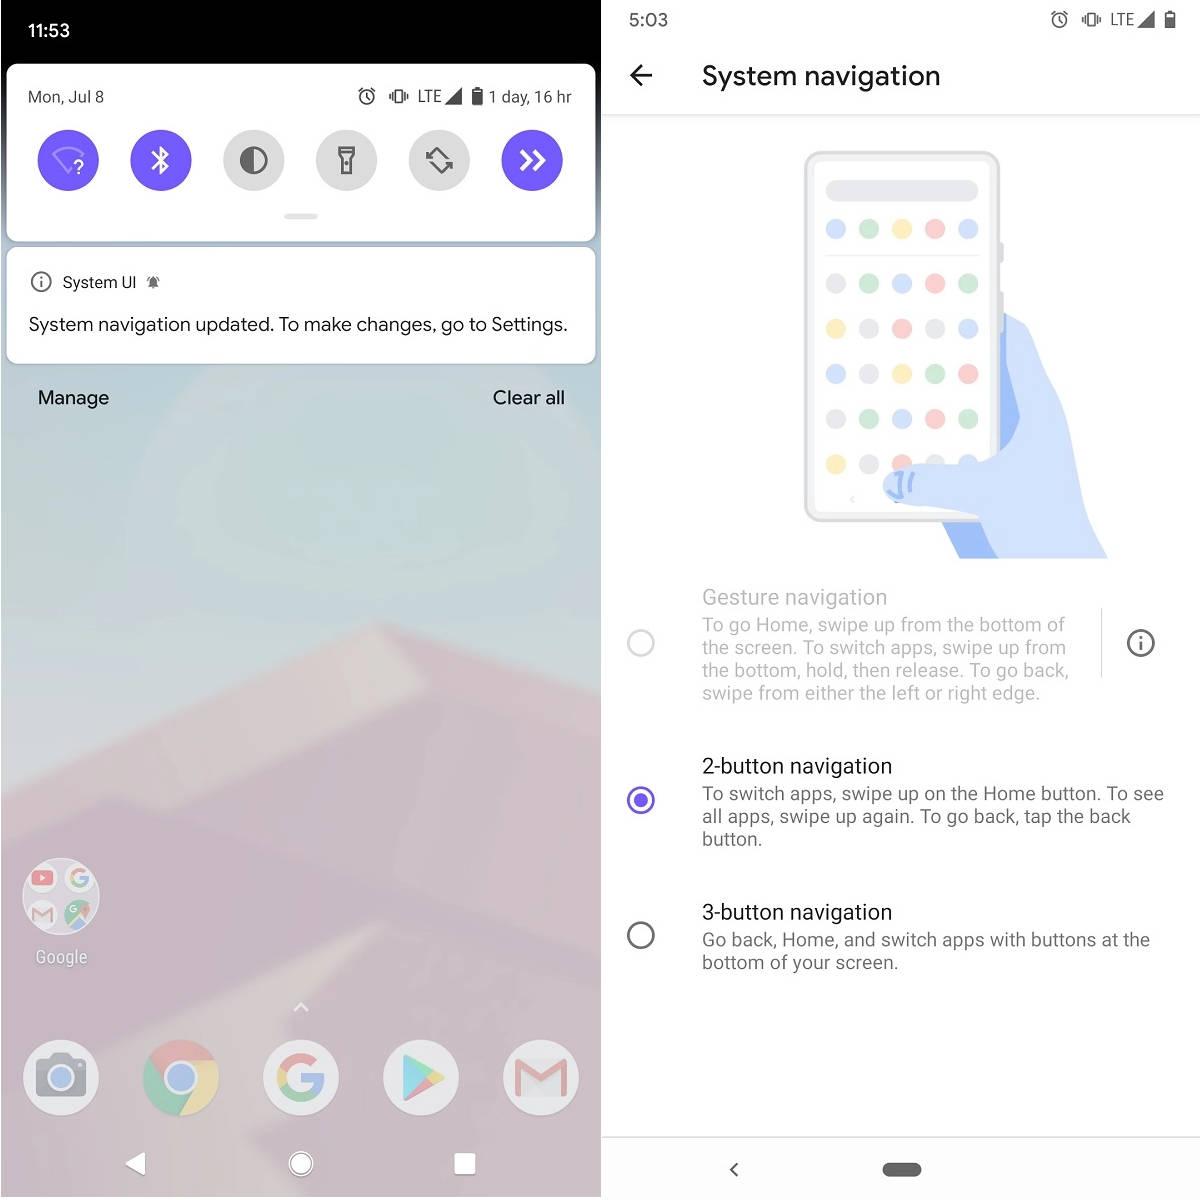 Google Android Q Beta 5 gesty nawigacji launcher aplikacji